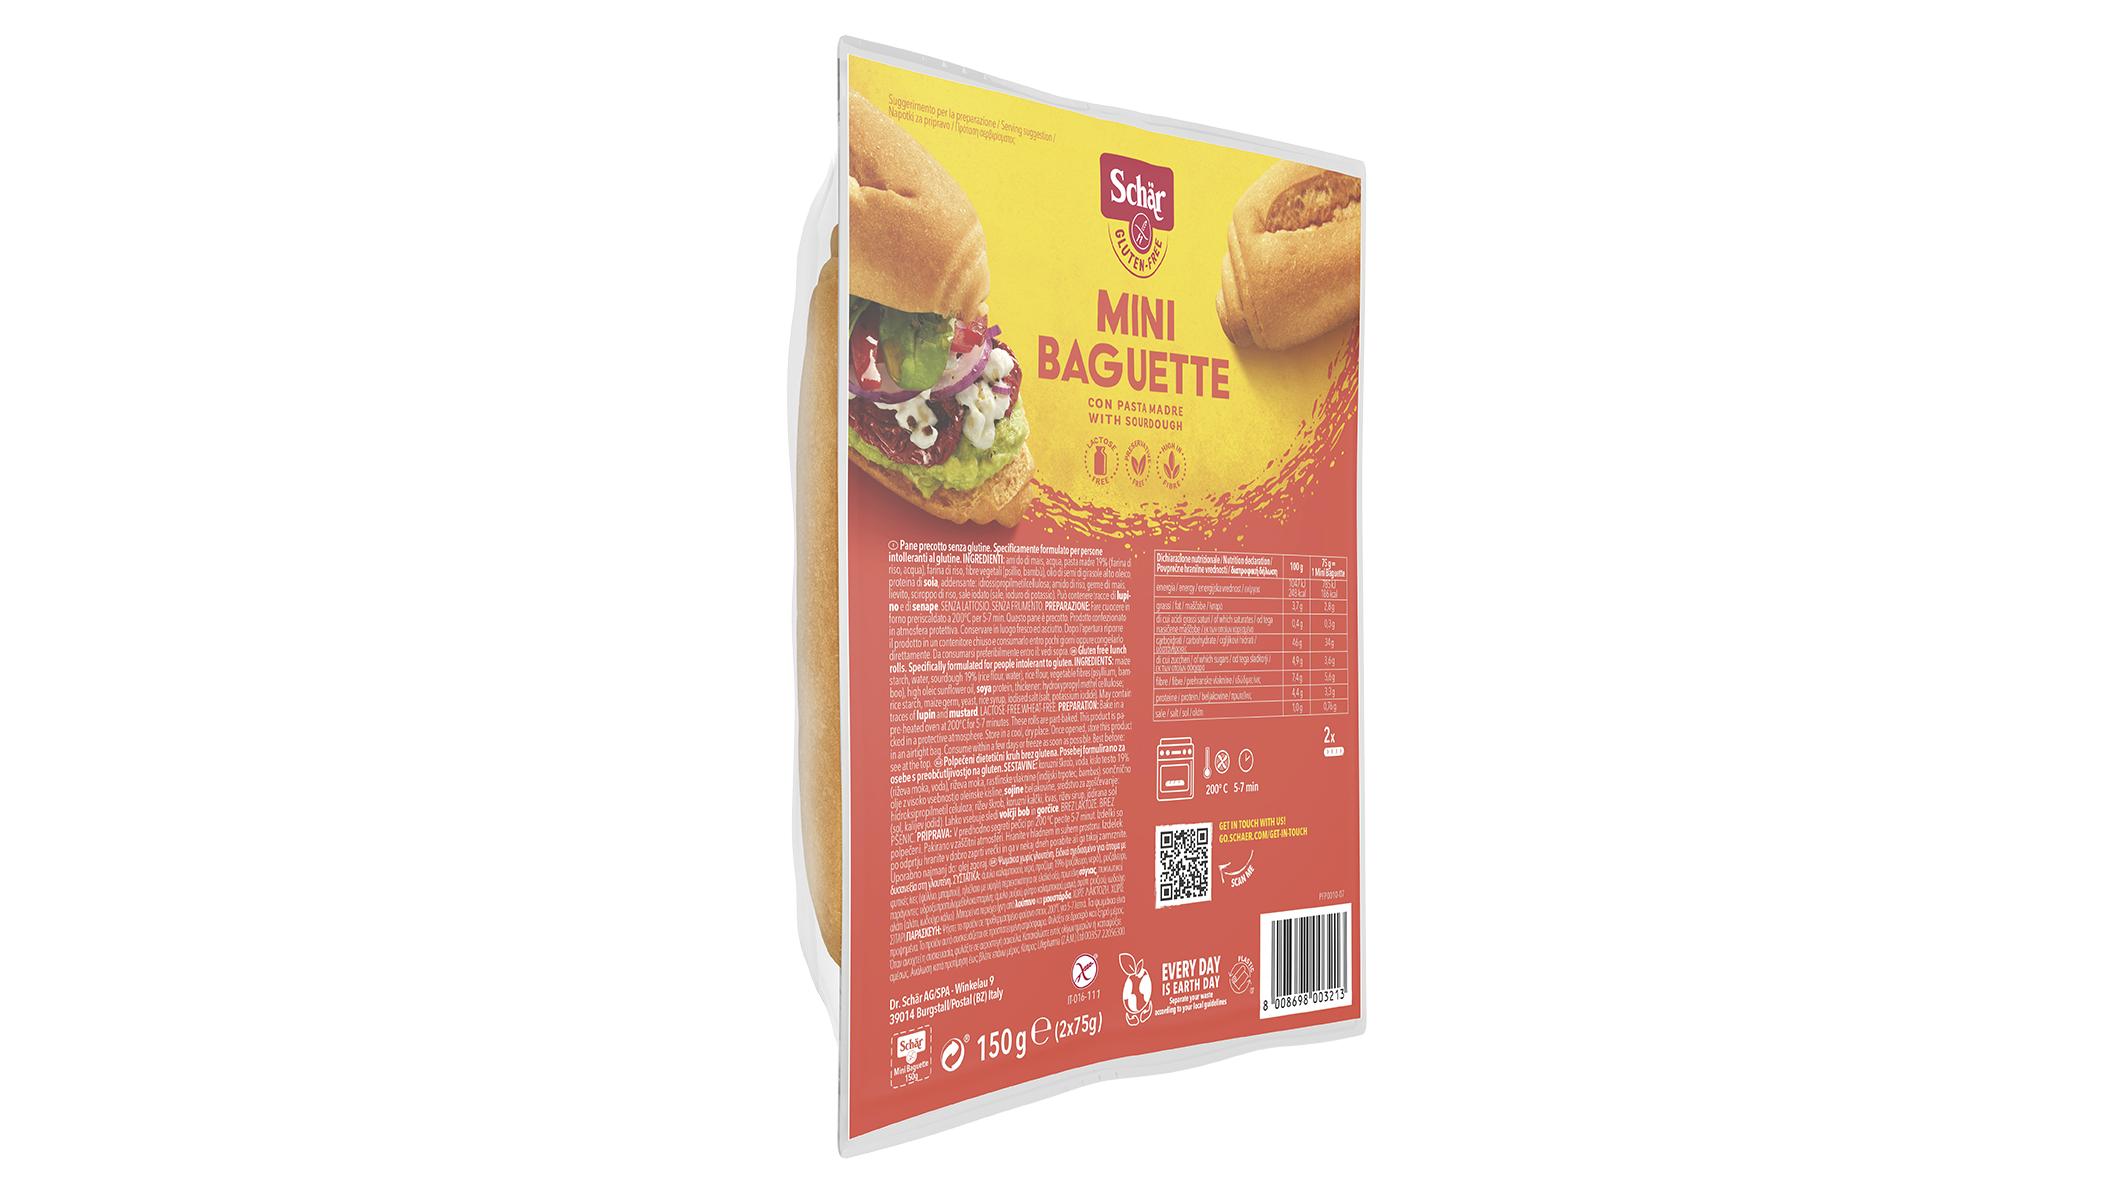 Mini Baget - Mini Baguette